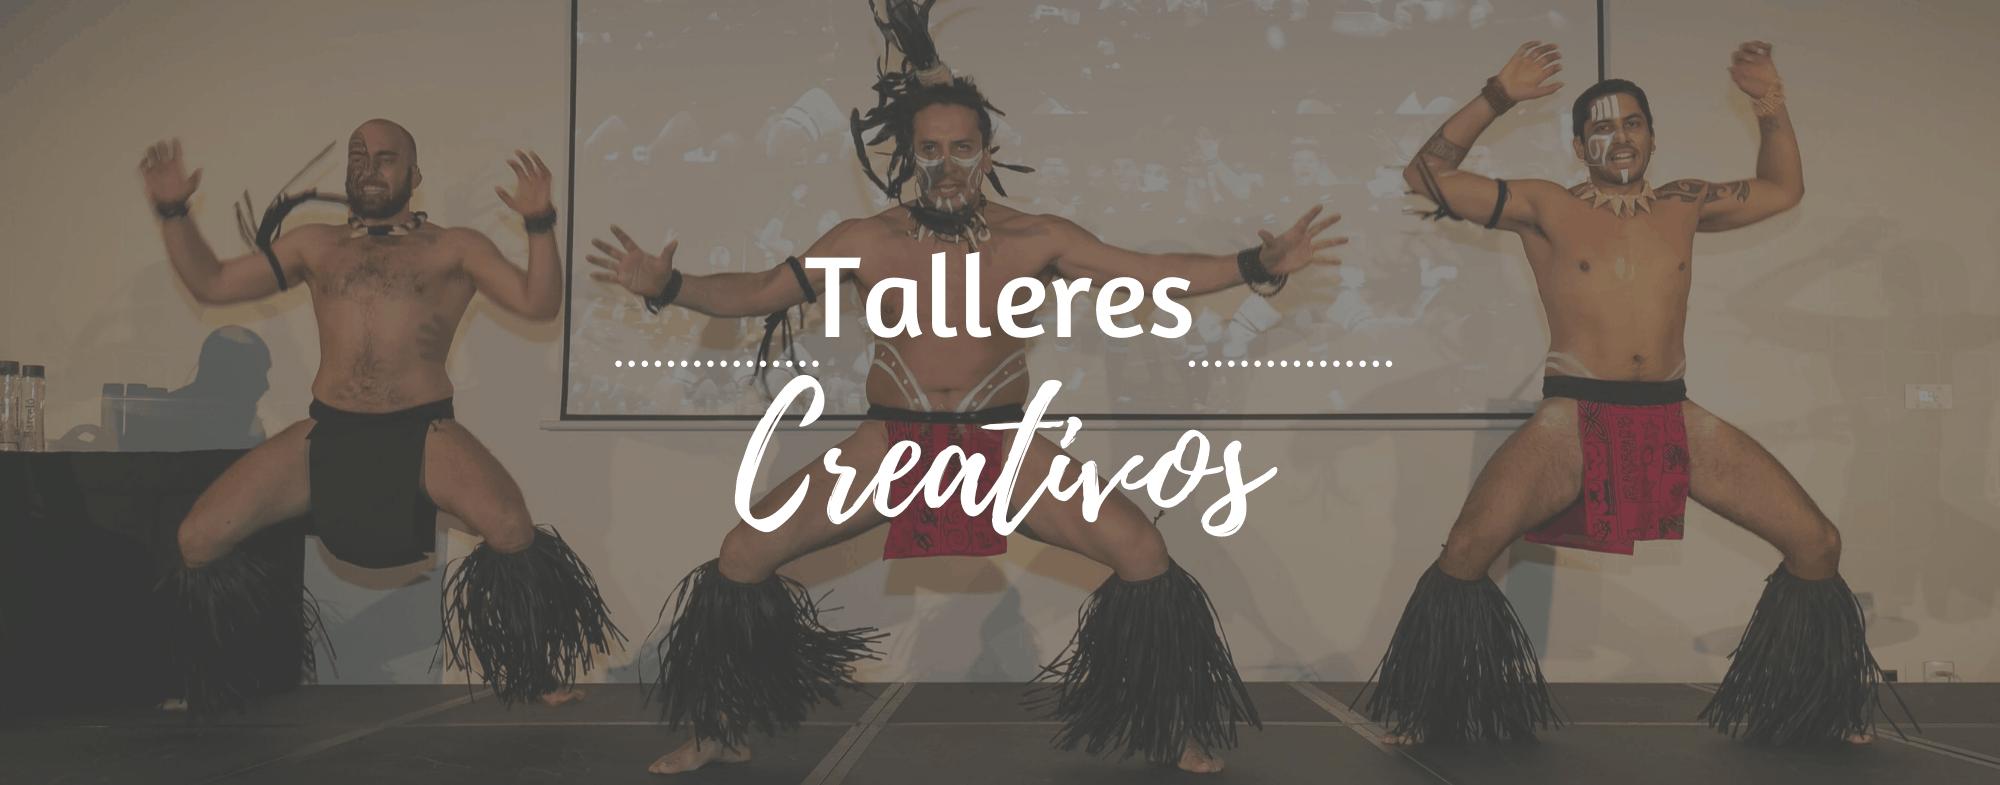 talleres-creativos-7